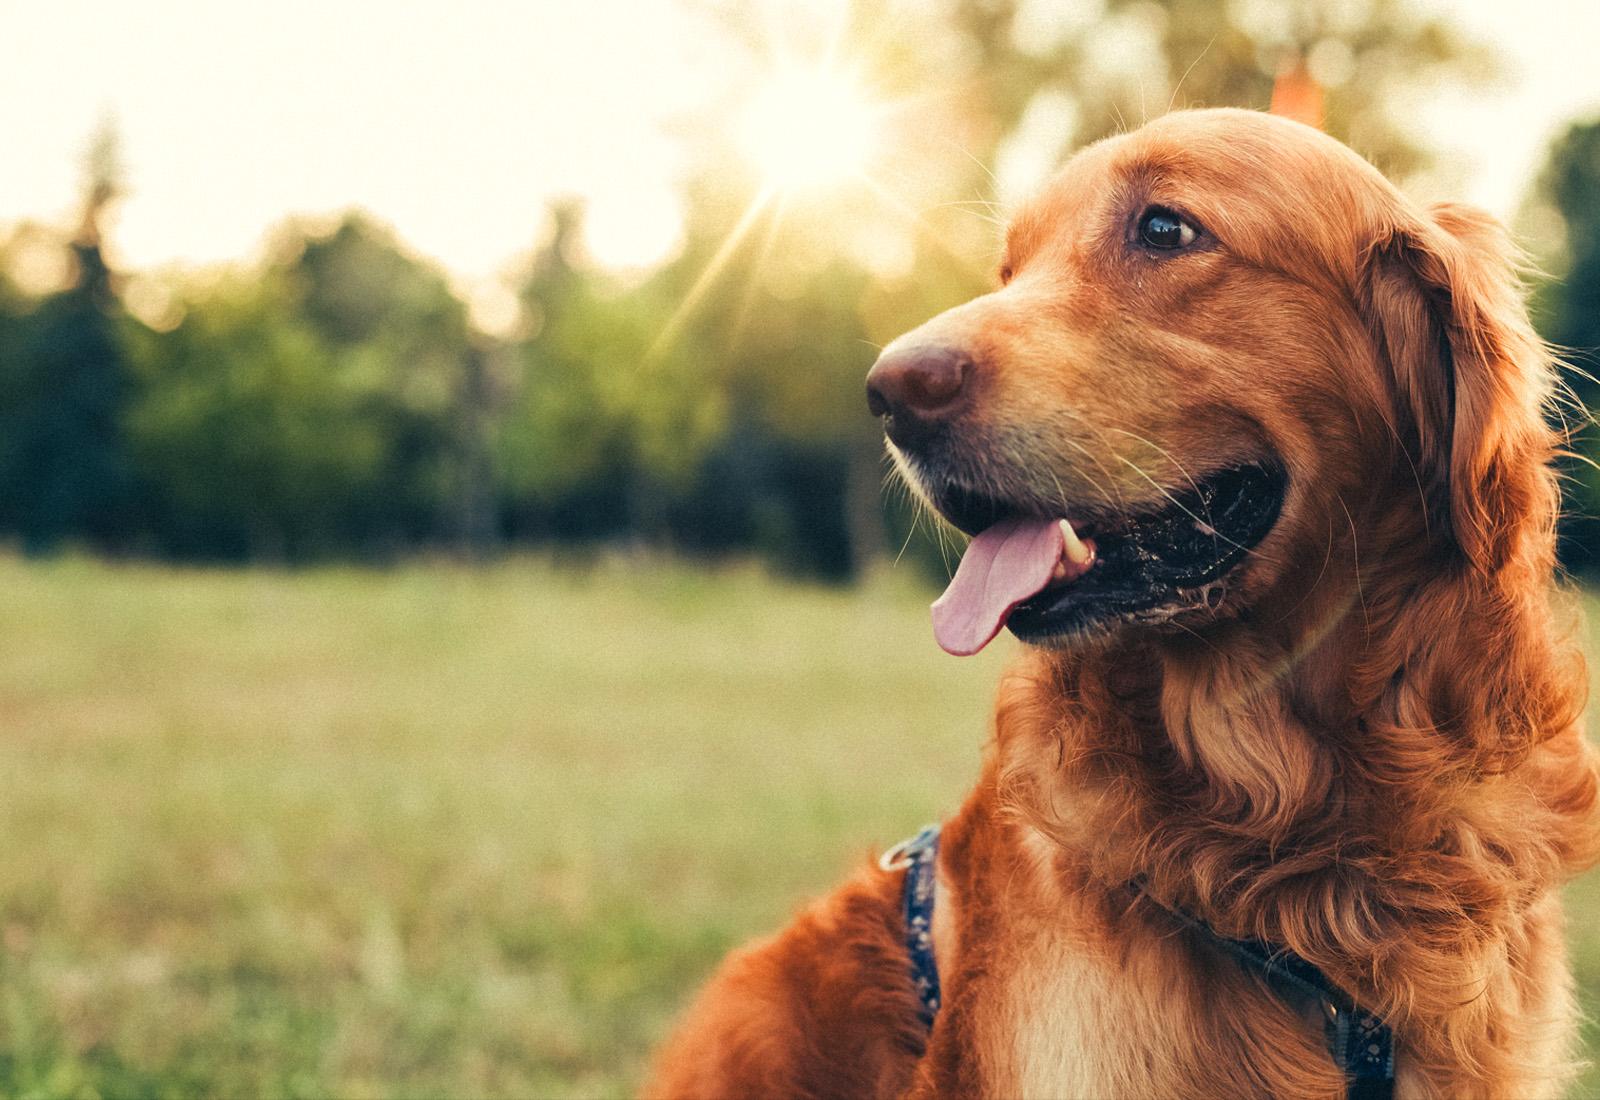 Výsledok vyhľadávania obrázkov pre dopyt dog